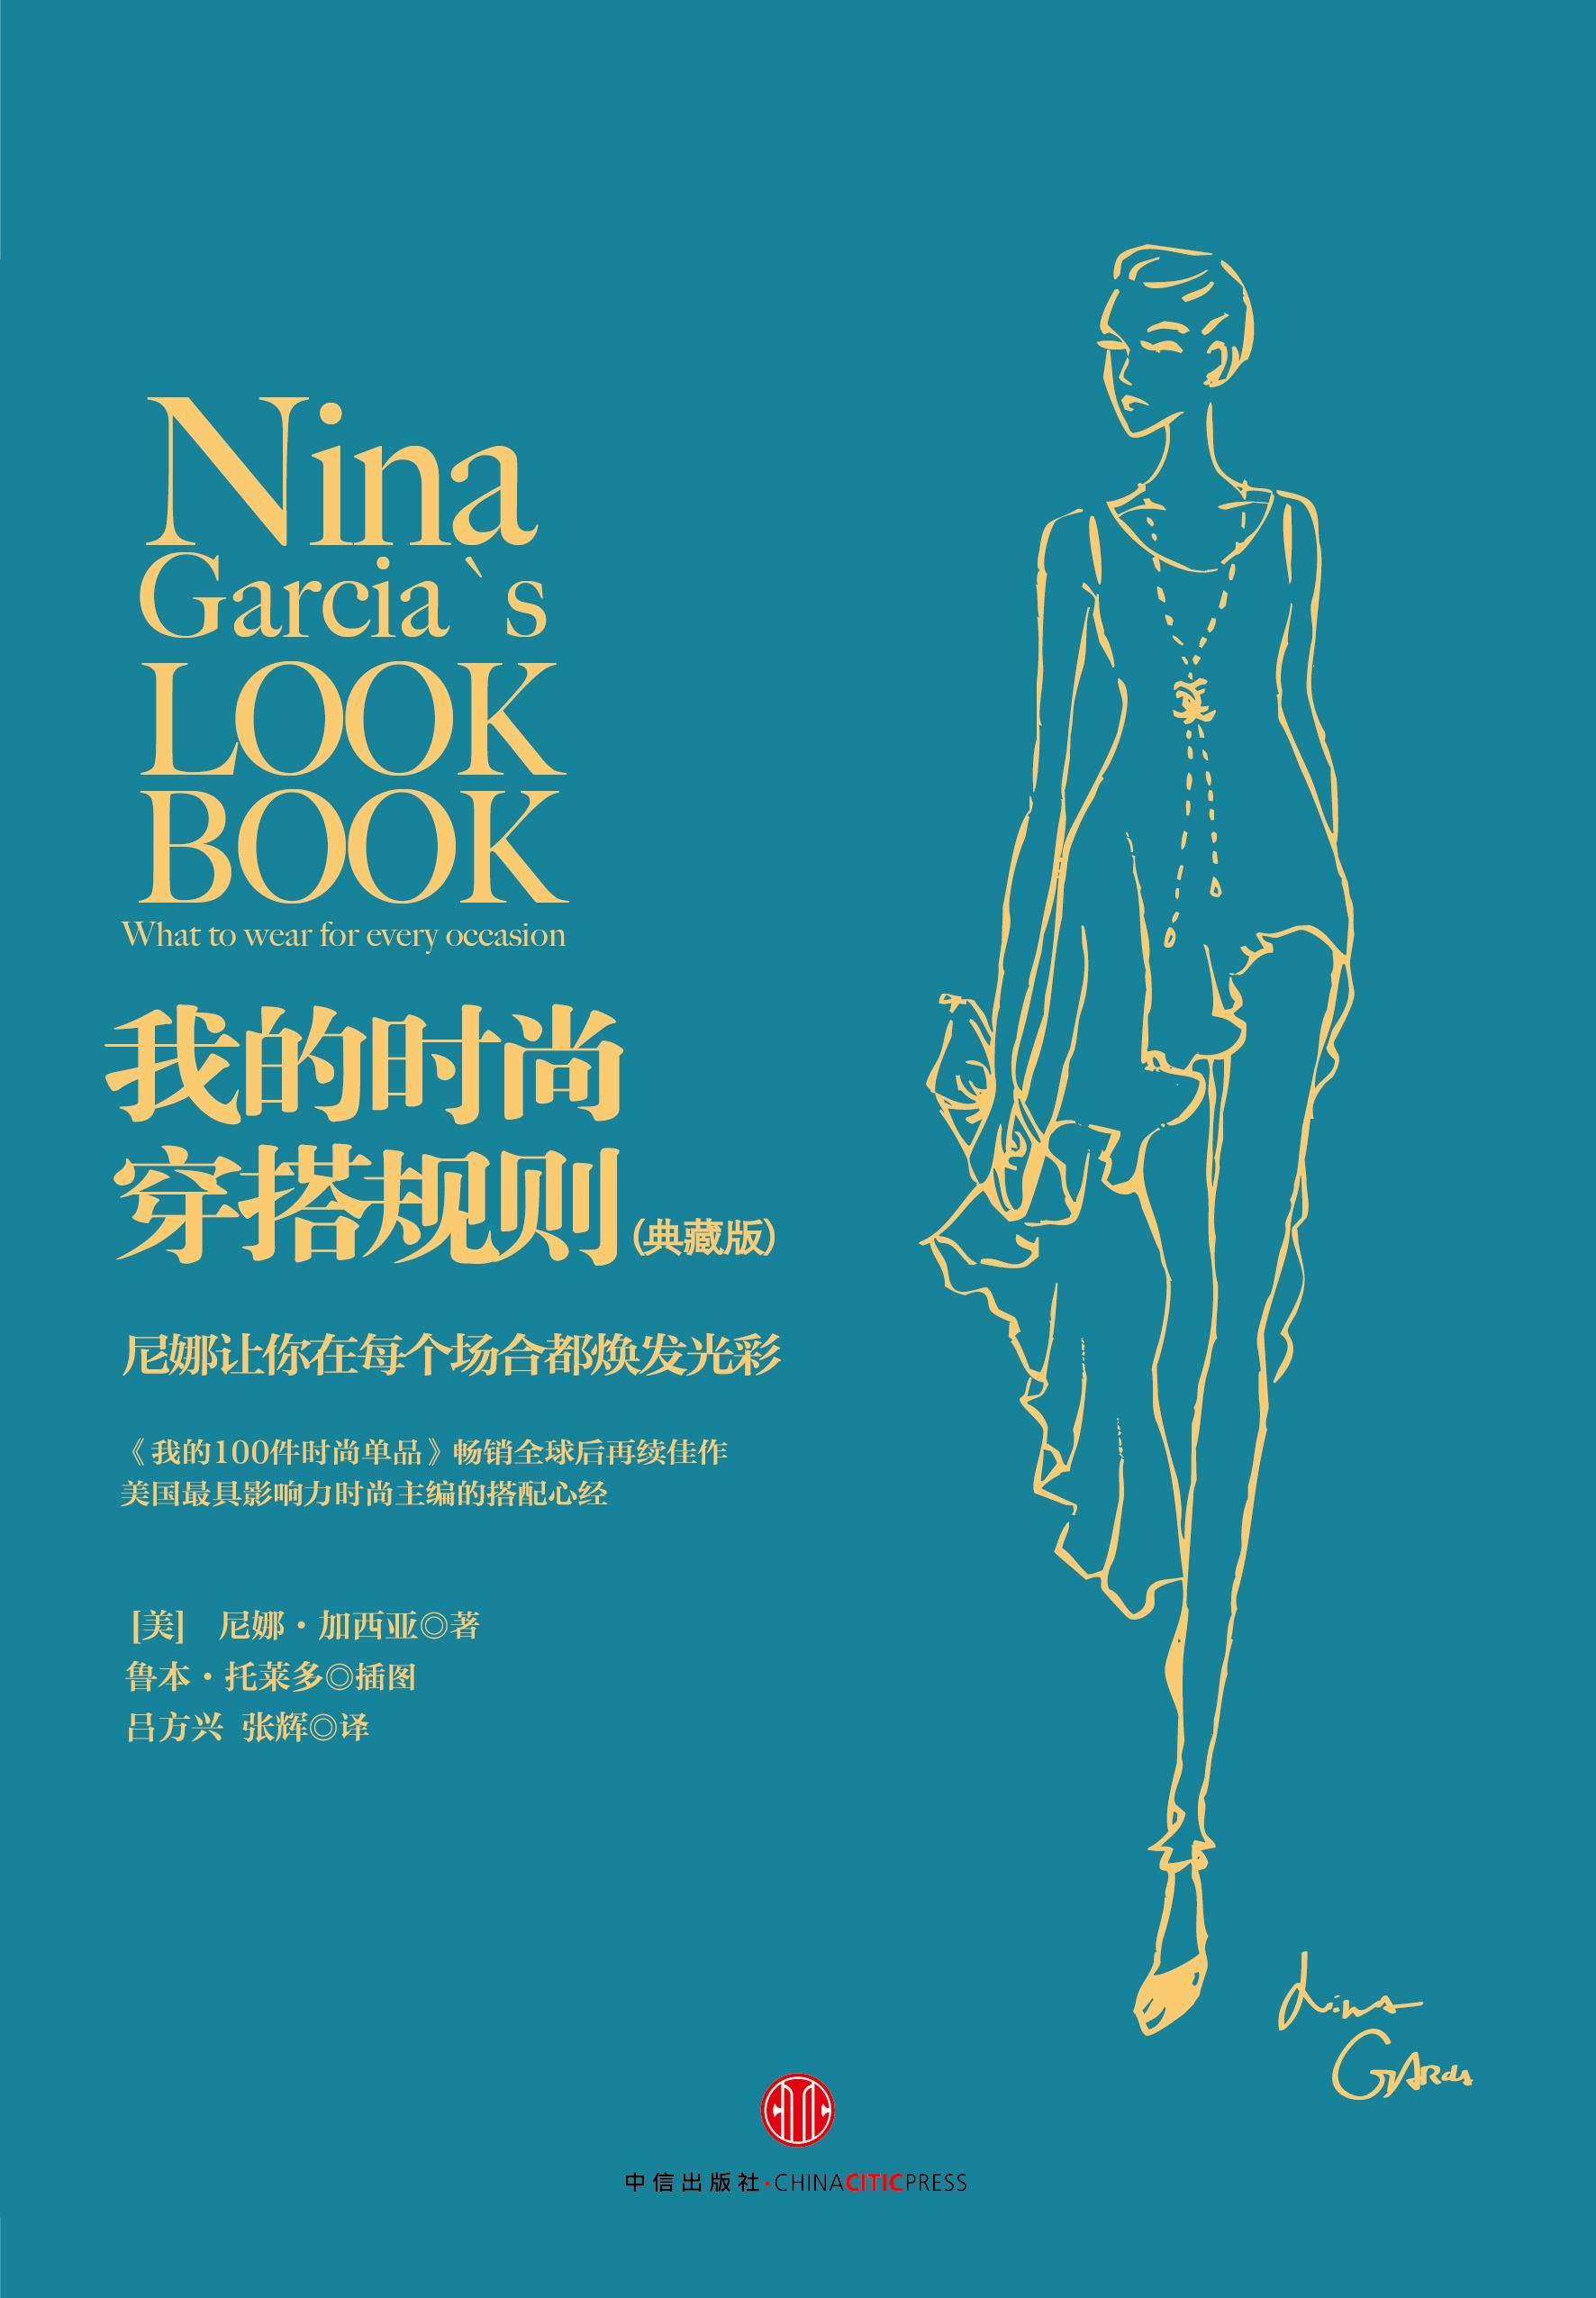 【已开奖】悦己试读NO.24 尼娜•加西亚《我的时尚穿搭规则》